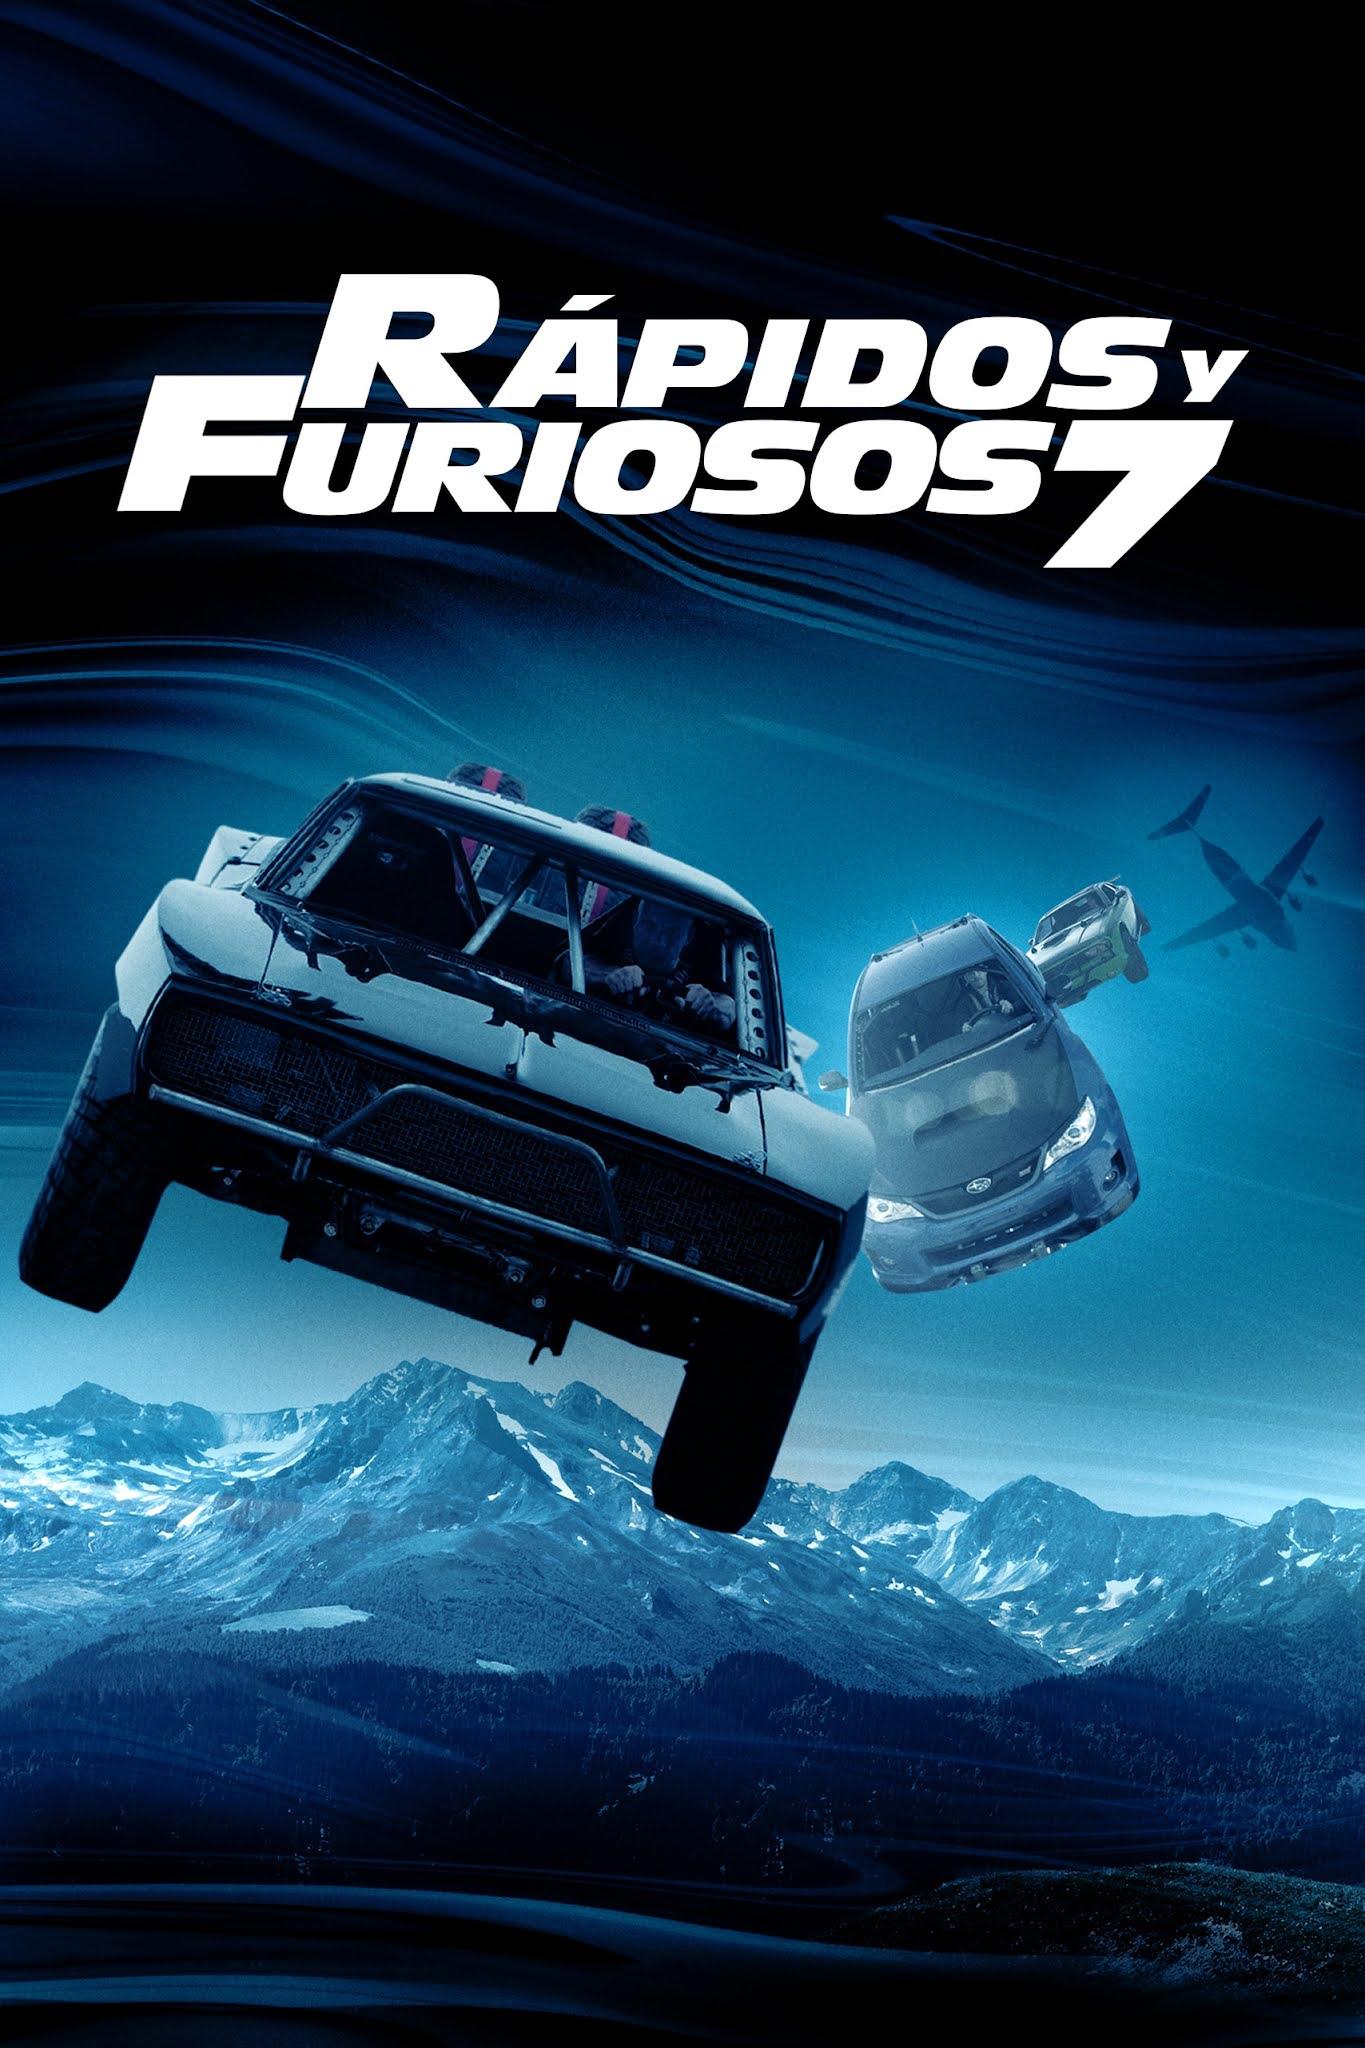 Rápido y Furioso 7 (2015) [Open Matte] WEB-DL 1080p Latino